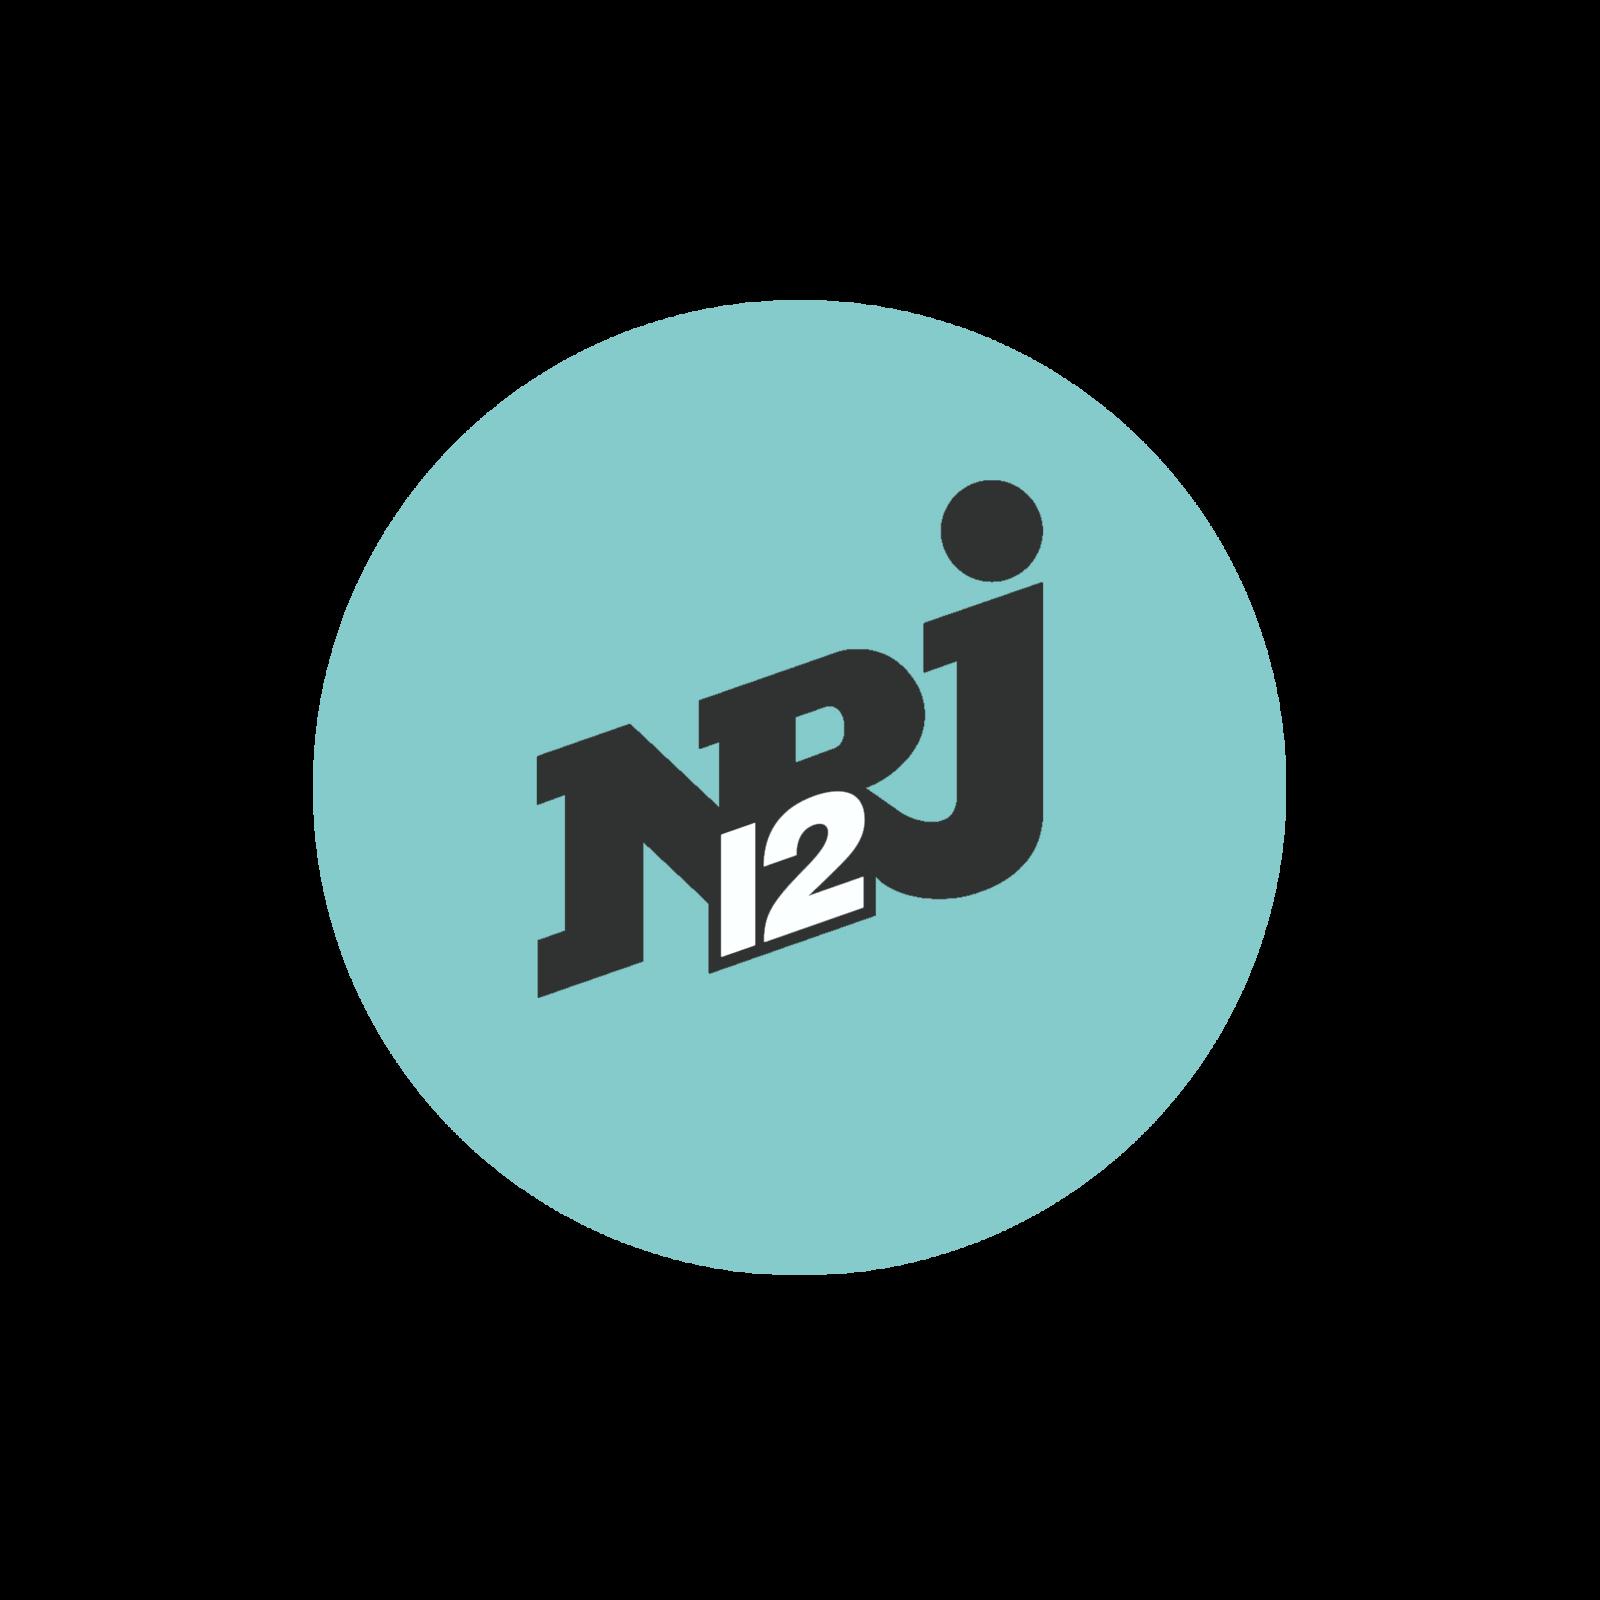 Des inédits de Tellement vrai sur NRJ12.